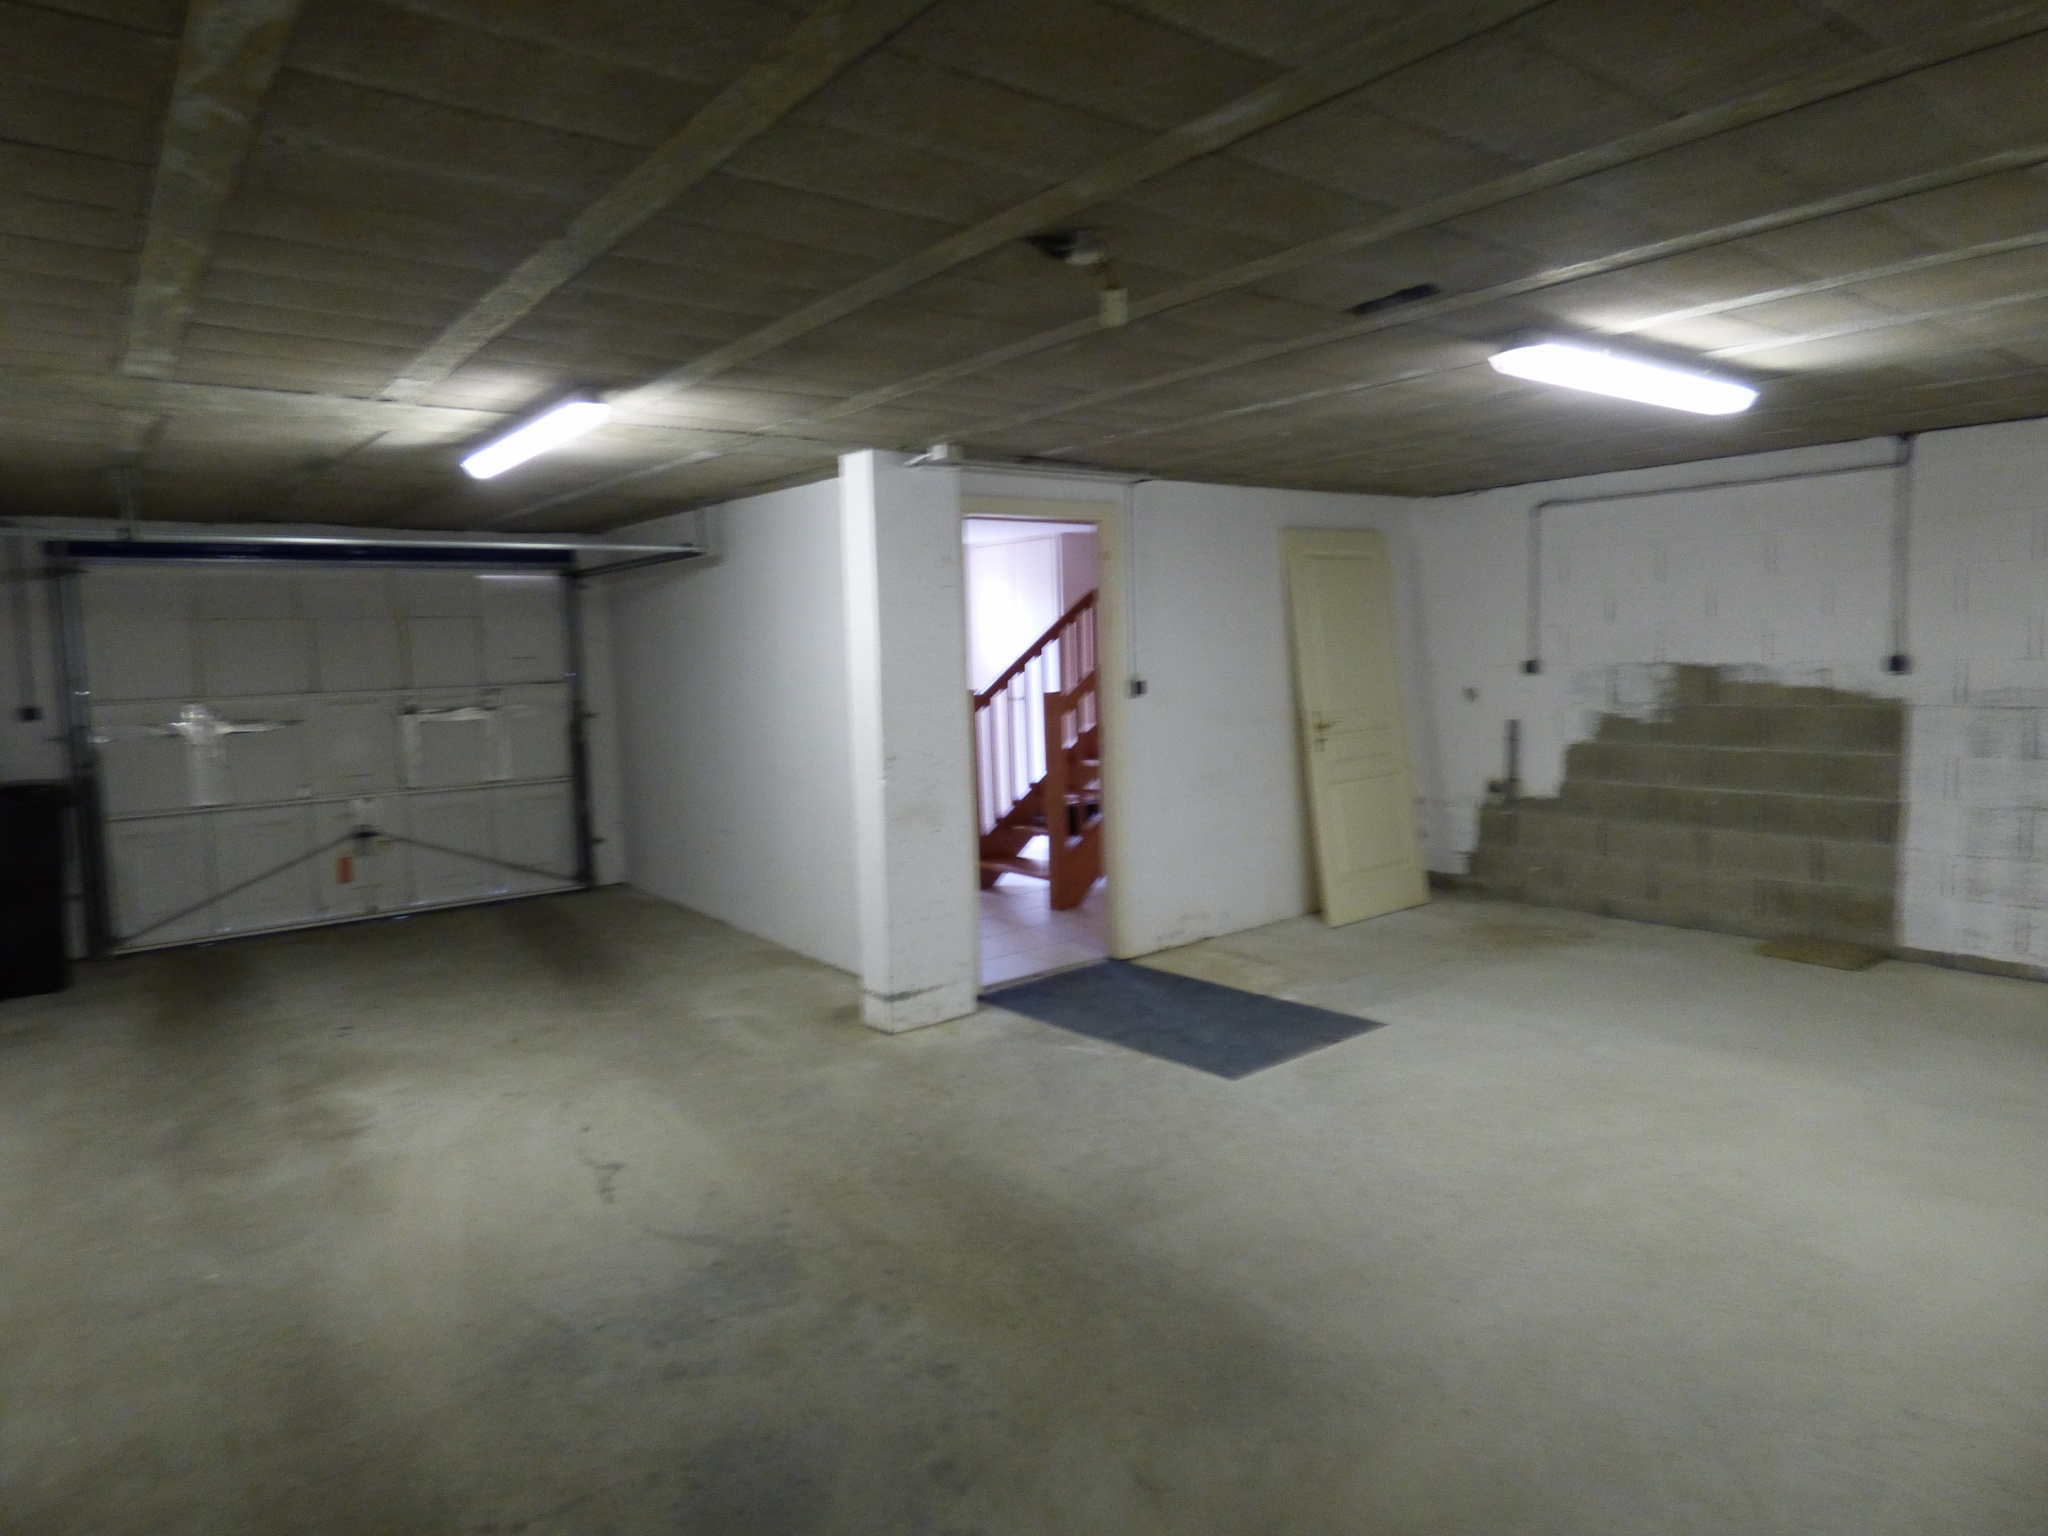 grand garagecave